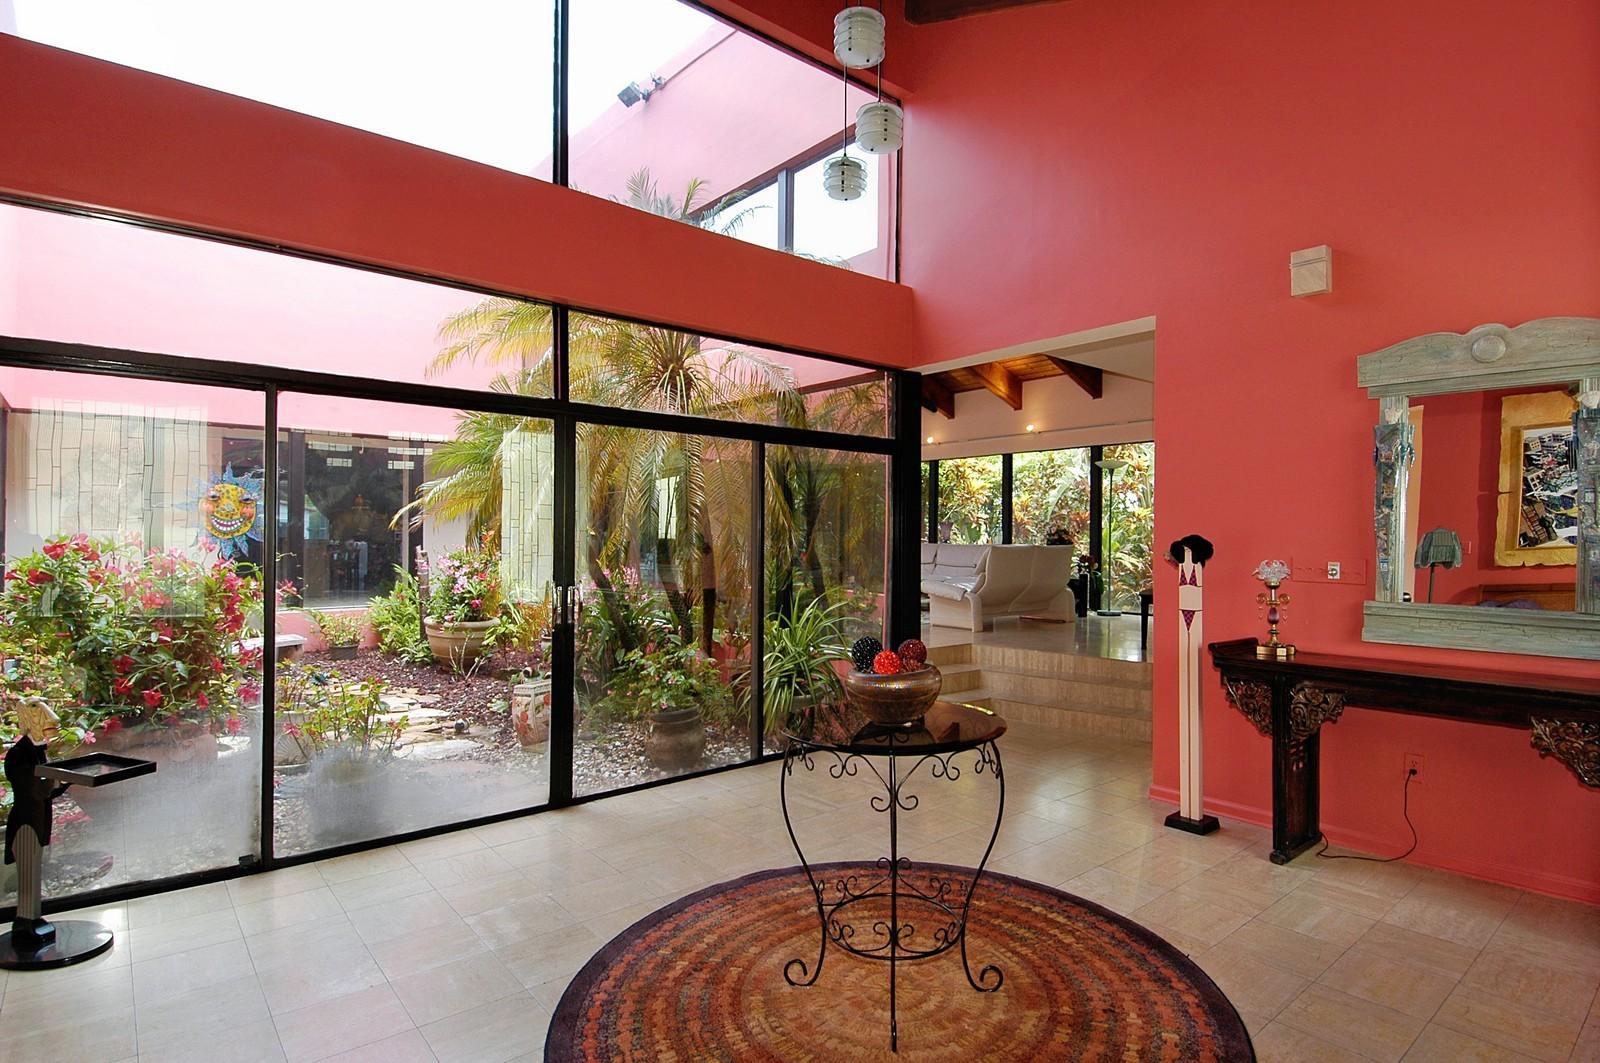 Real Estate Photography - 622 Golden Beach Dr, Golden Beach, FL, 33160 - Foyer